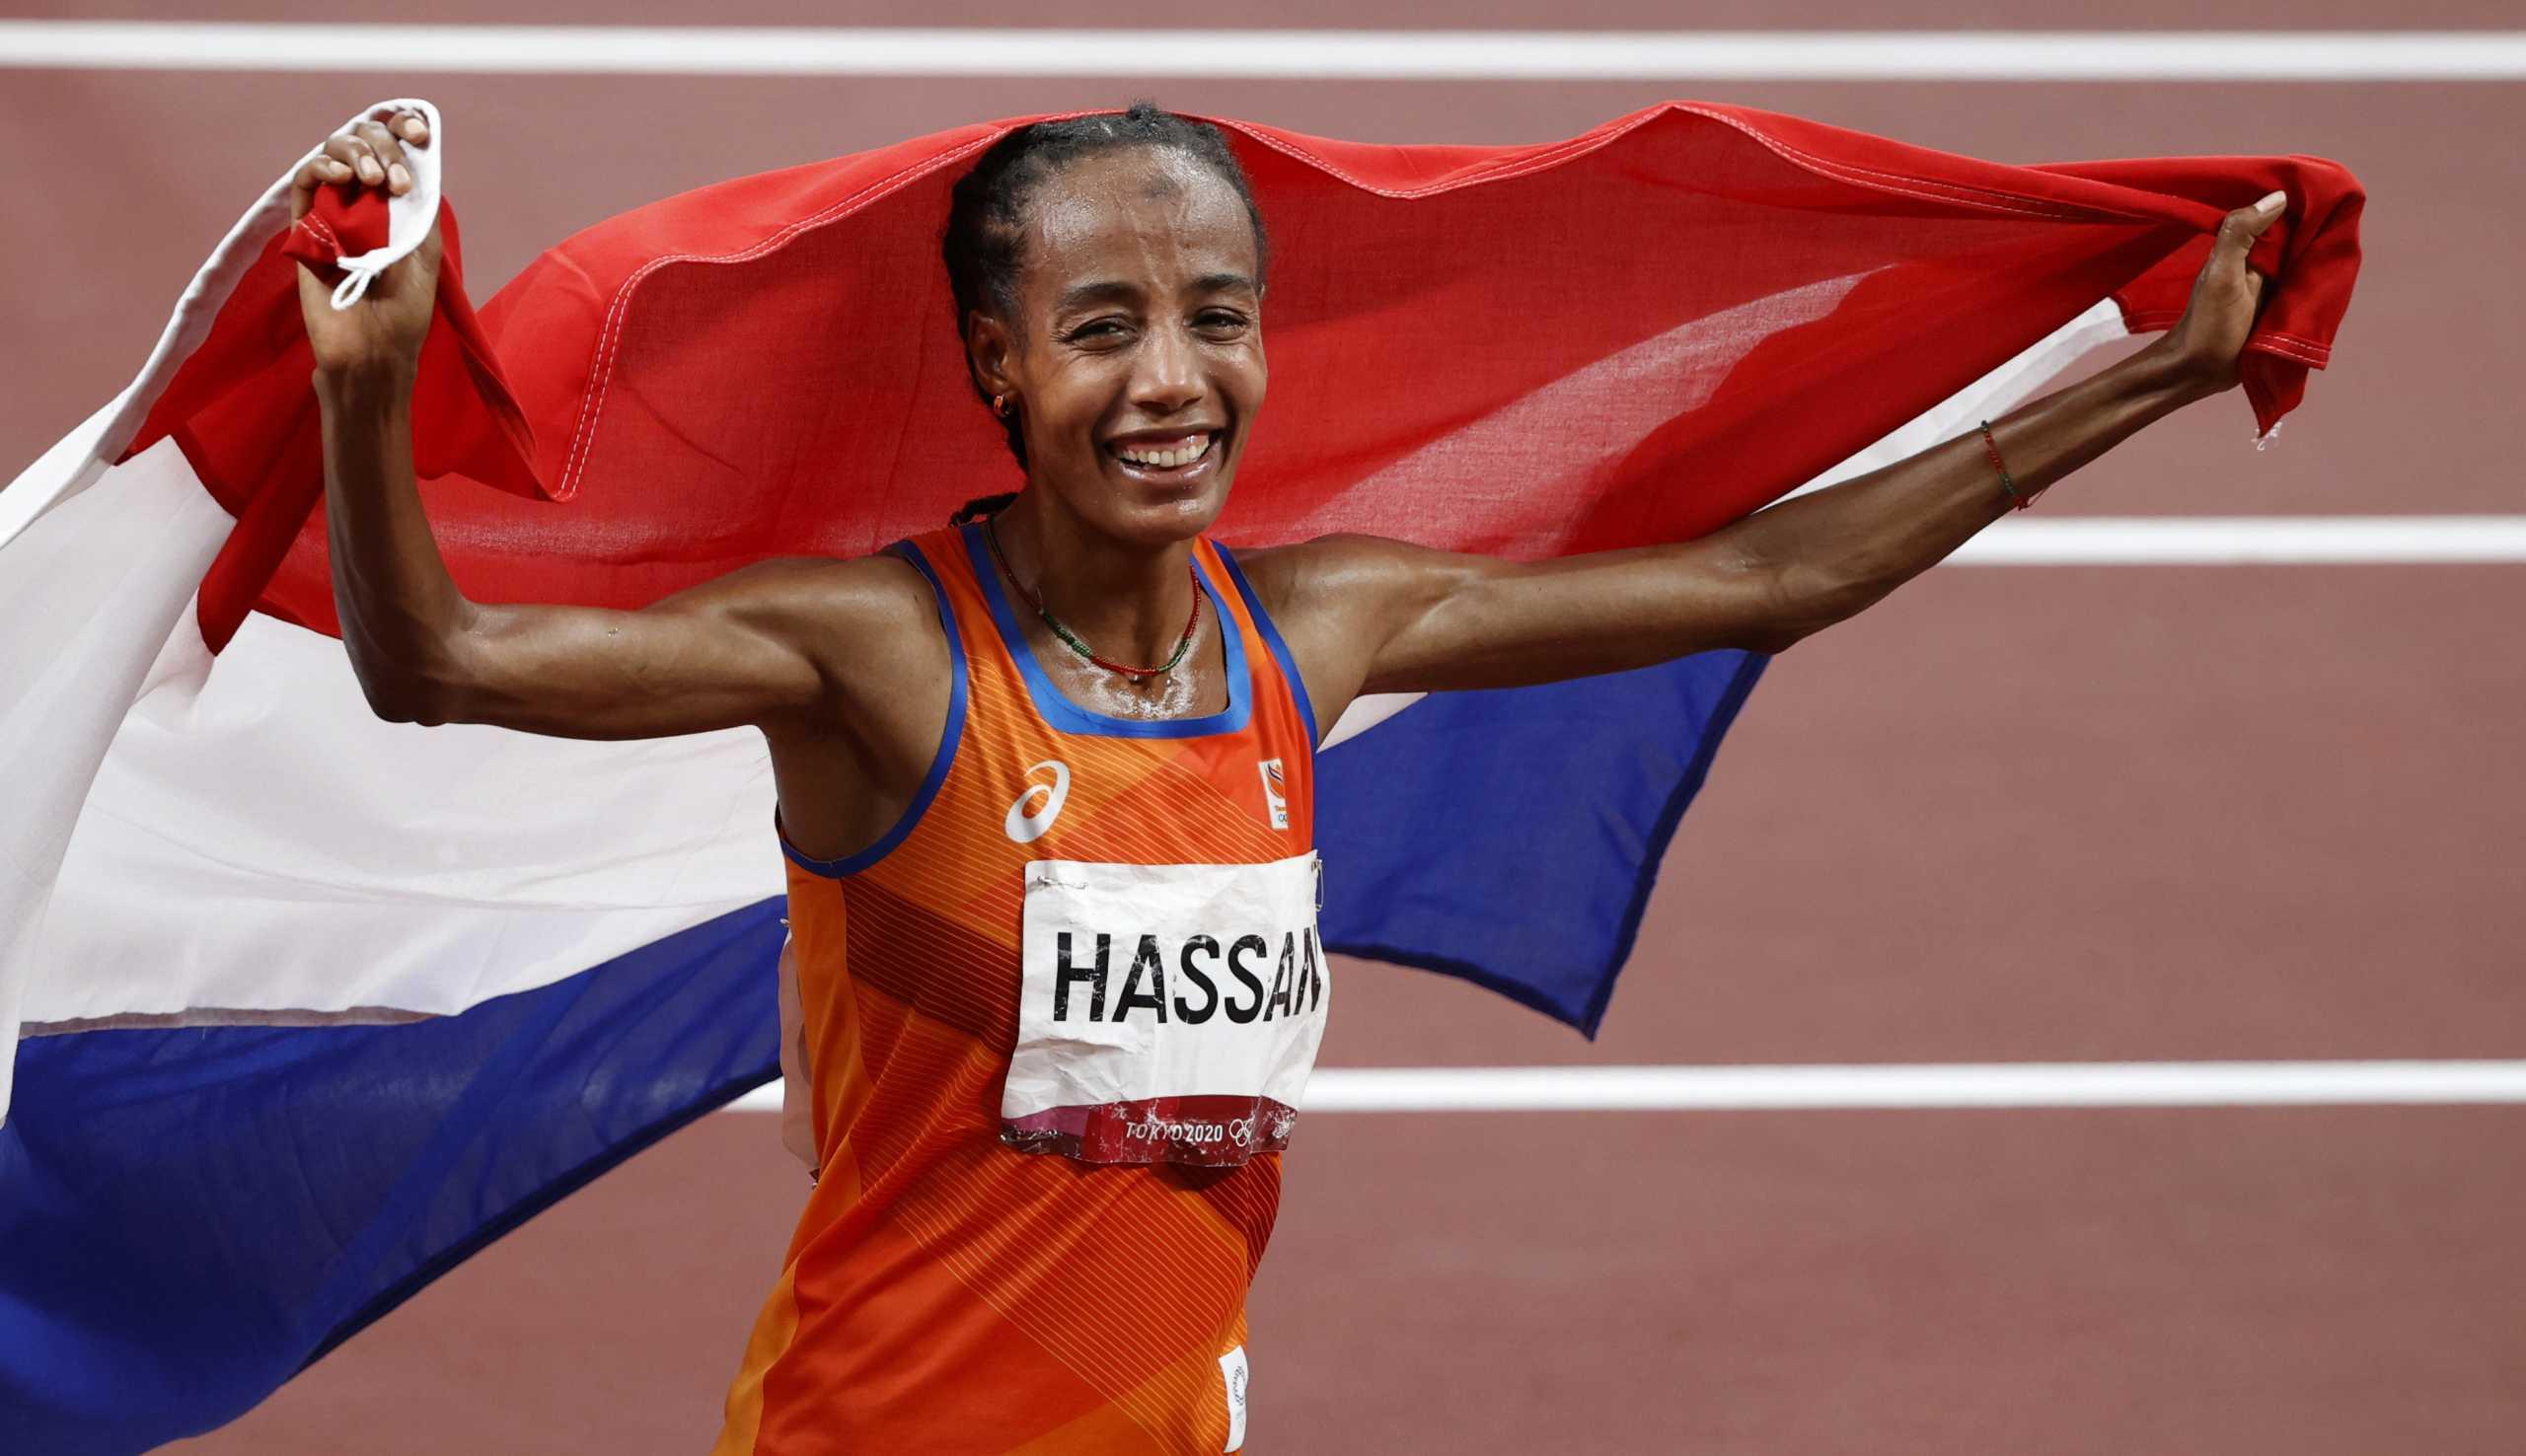 Ολυμπιακοί Αγώνες: Η Σιφάν Χασάν έγραψε ιστορία με το χρυσό μετάλλιο στα 10.000μ